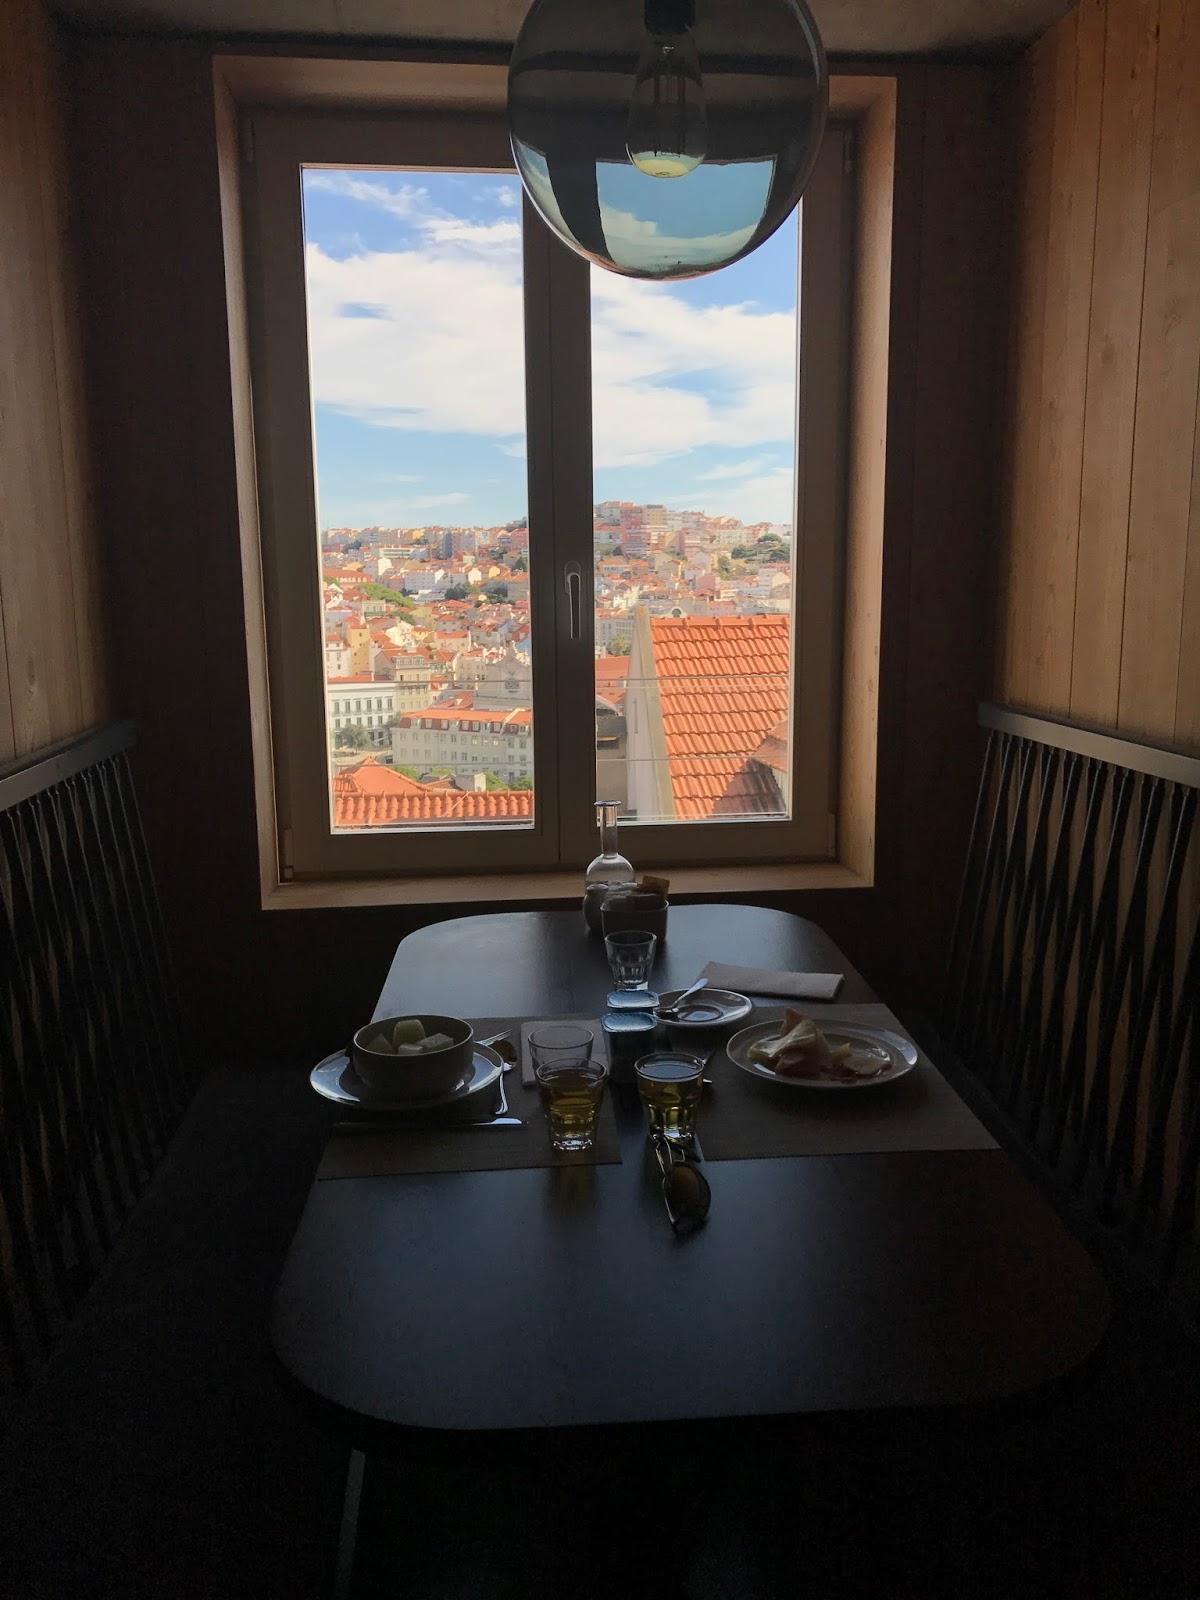 Lisboa Pessoa Hotel breakfast view over Lisbon